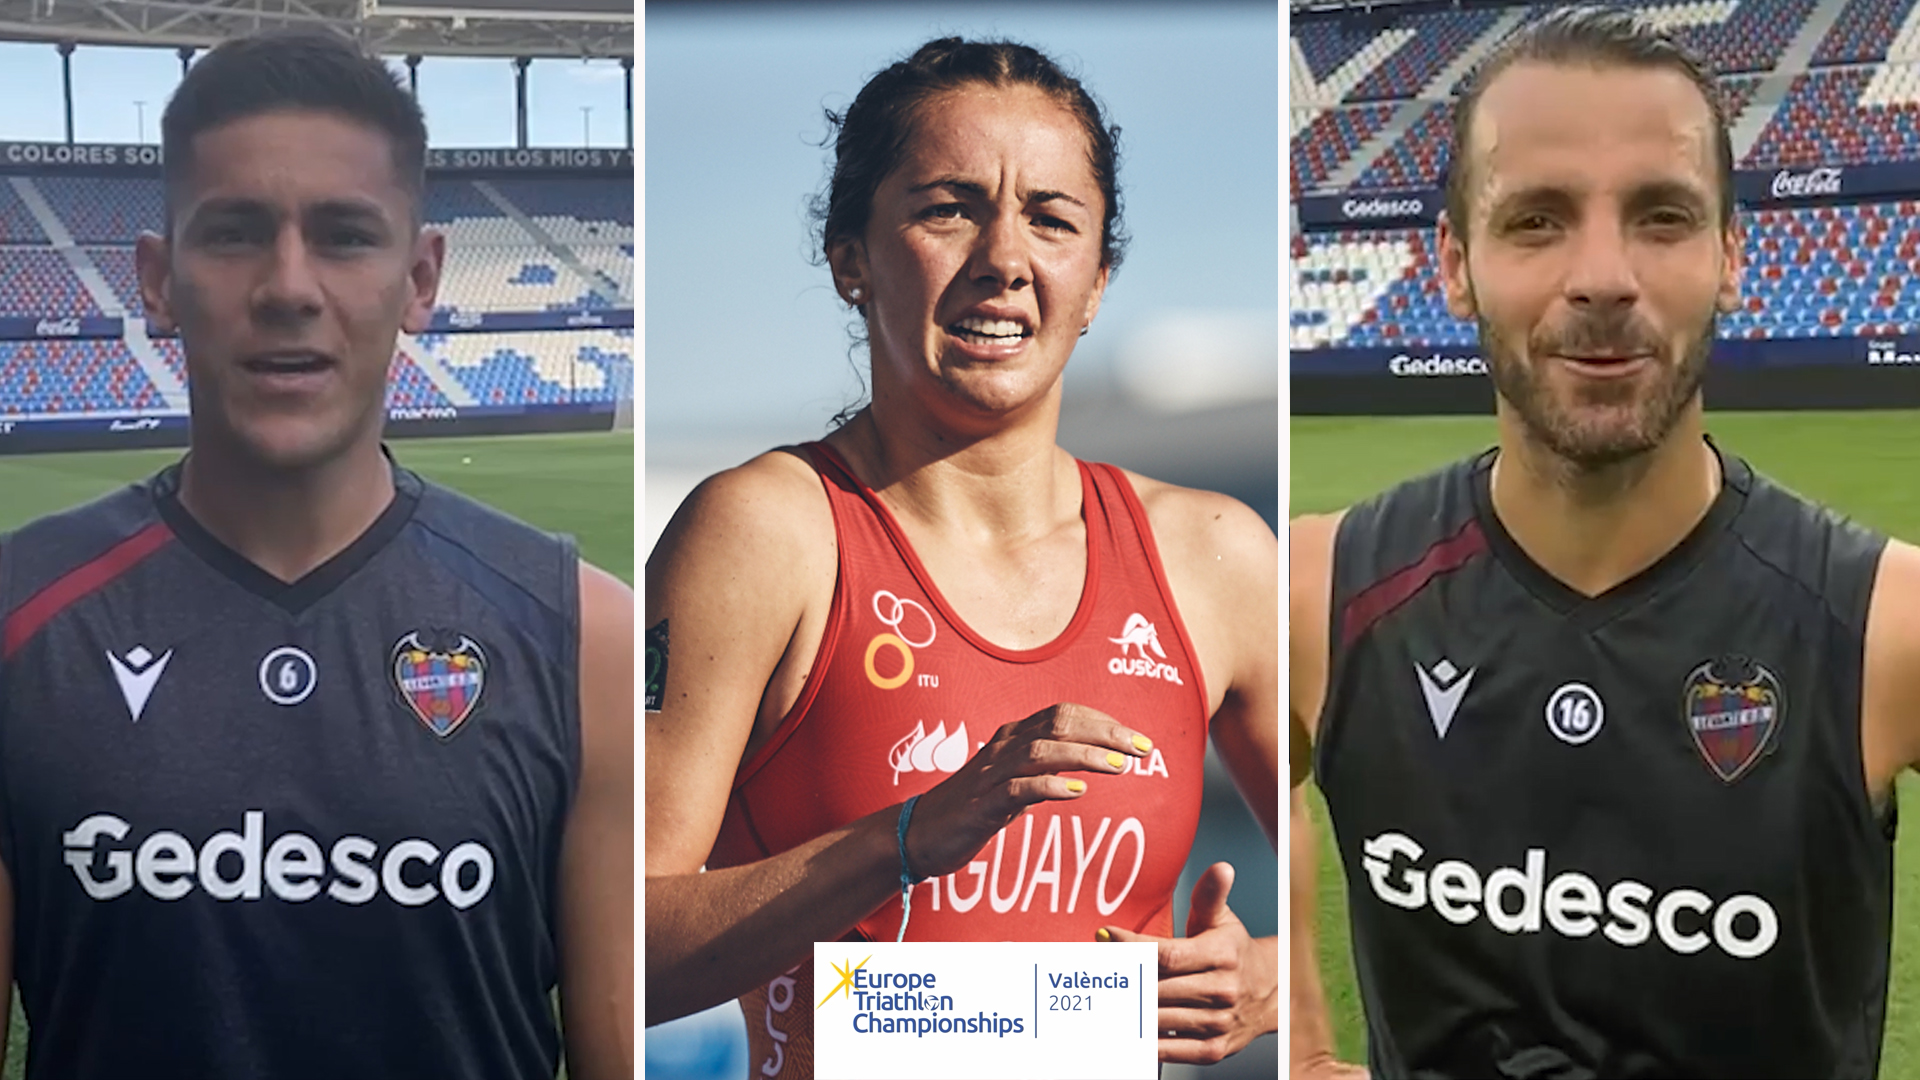 El Levante U.D. se suma al Campeonato de Europa de Triatlón València 2021 con los mensajes de apoyo de Soldado y Duarte